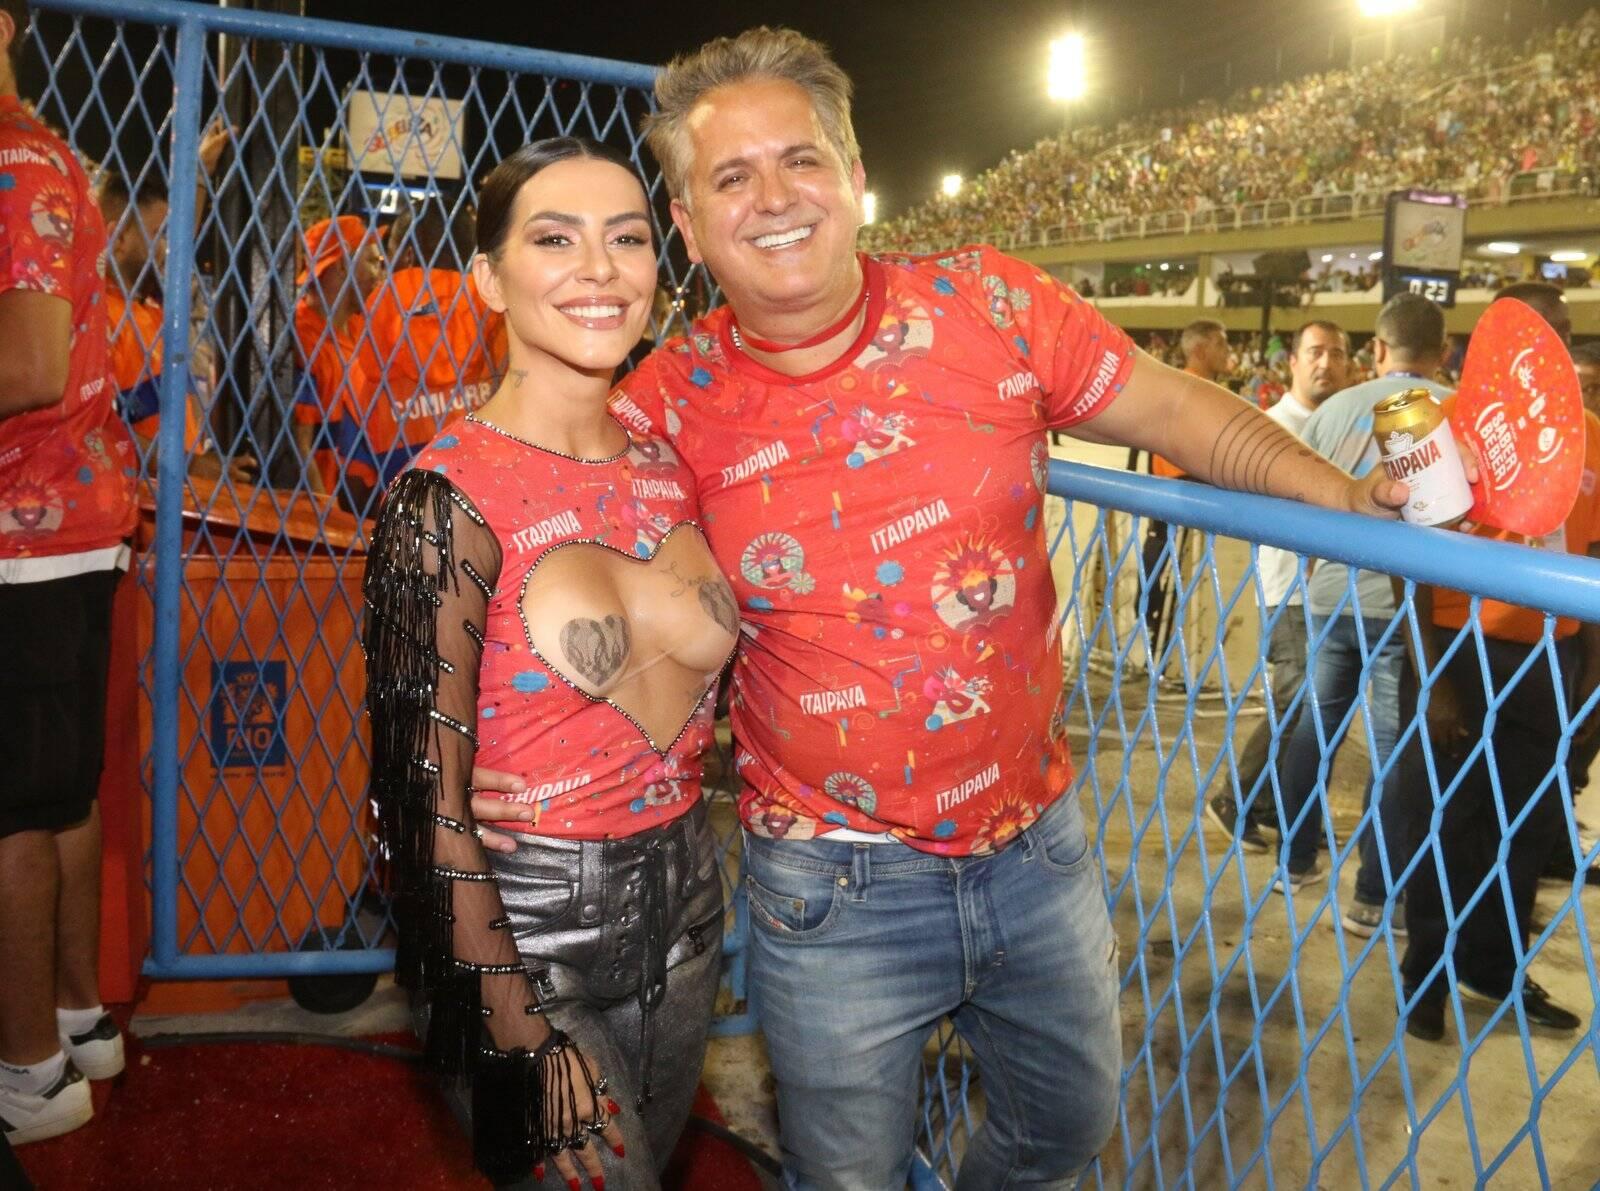 Cleo Pires arrasa no camarote Itaipava com famosos. Foto: Divulgação / Cleomir Tavares